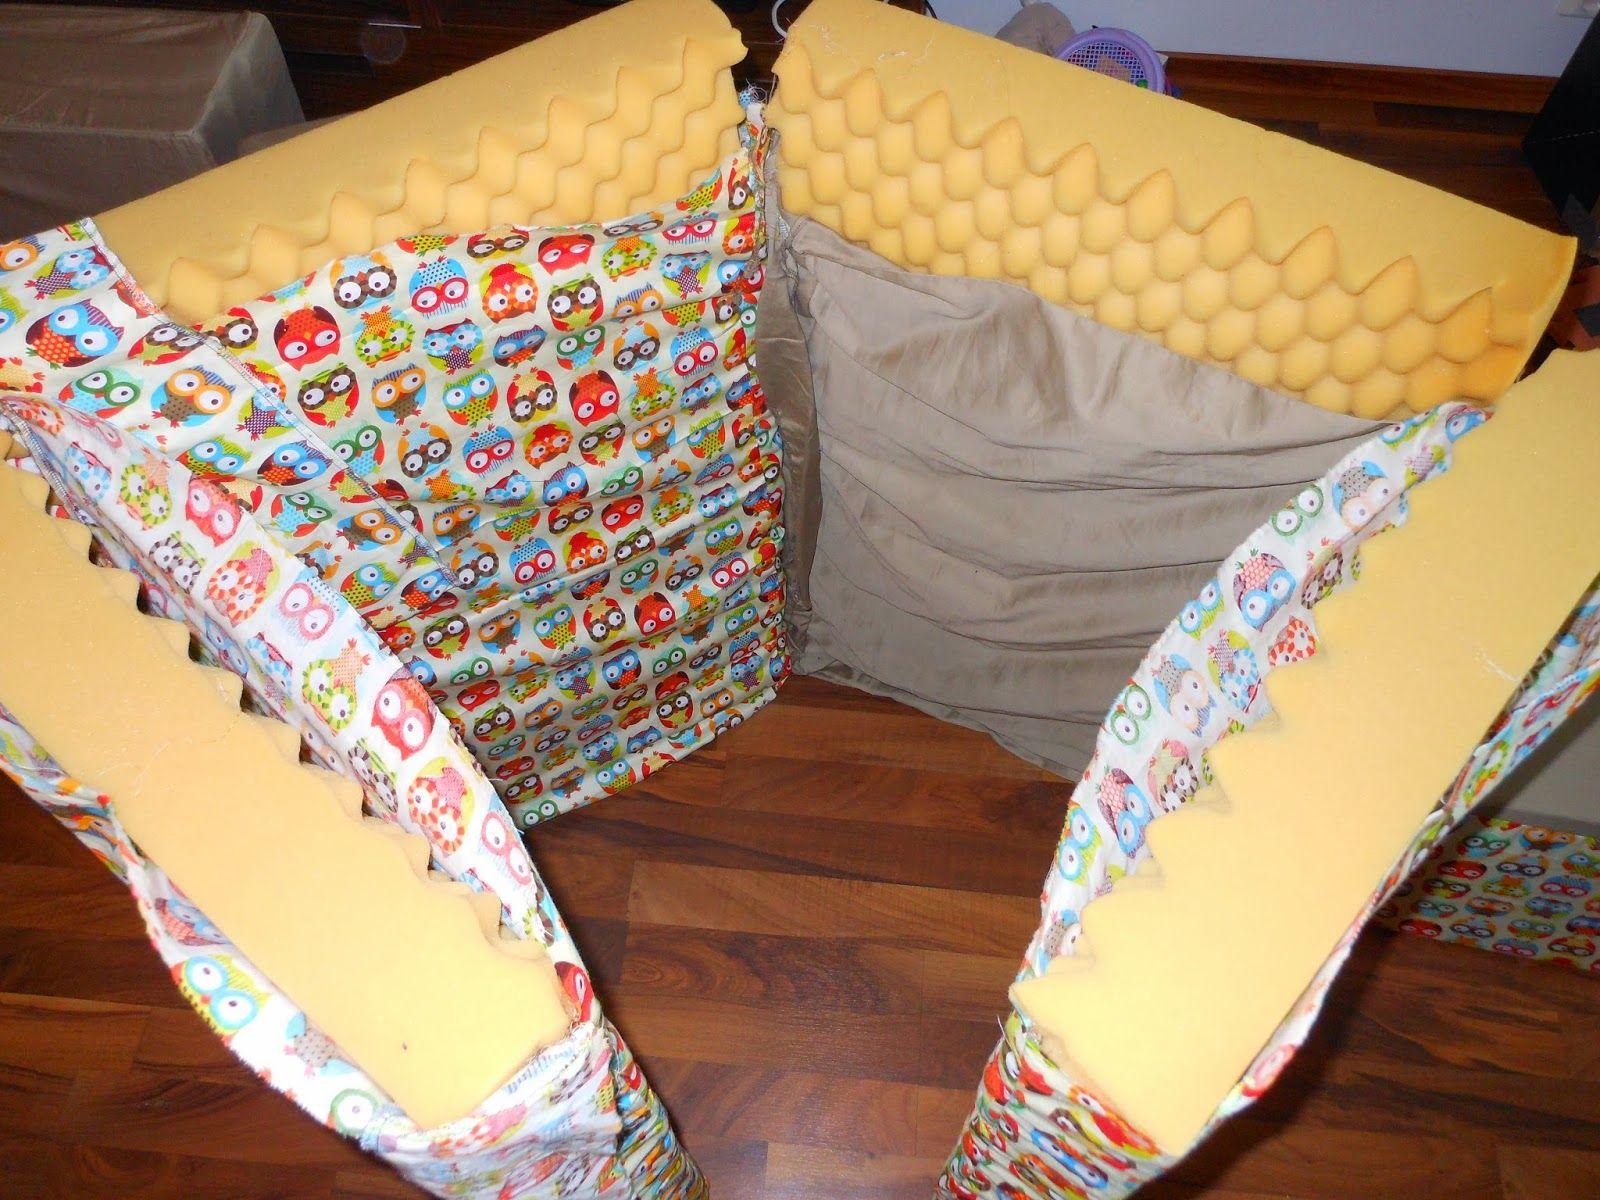 Helt nye Foldemadrass. Delt ei skum madrass i fire og sydd trekk til. | Sy MX-46